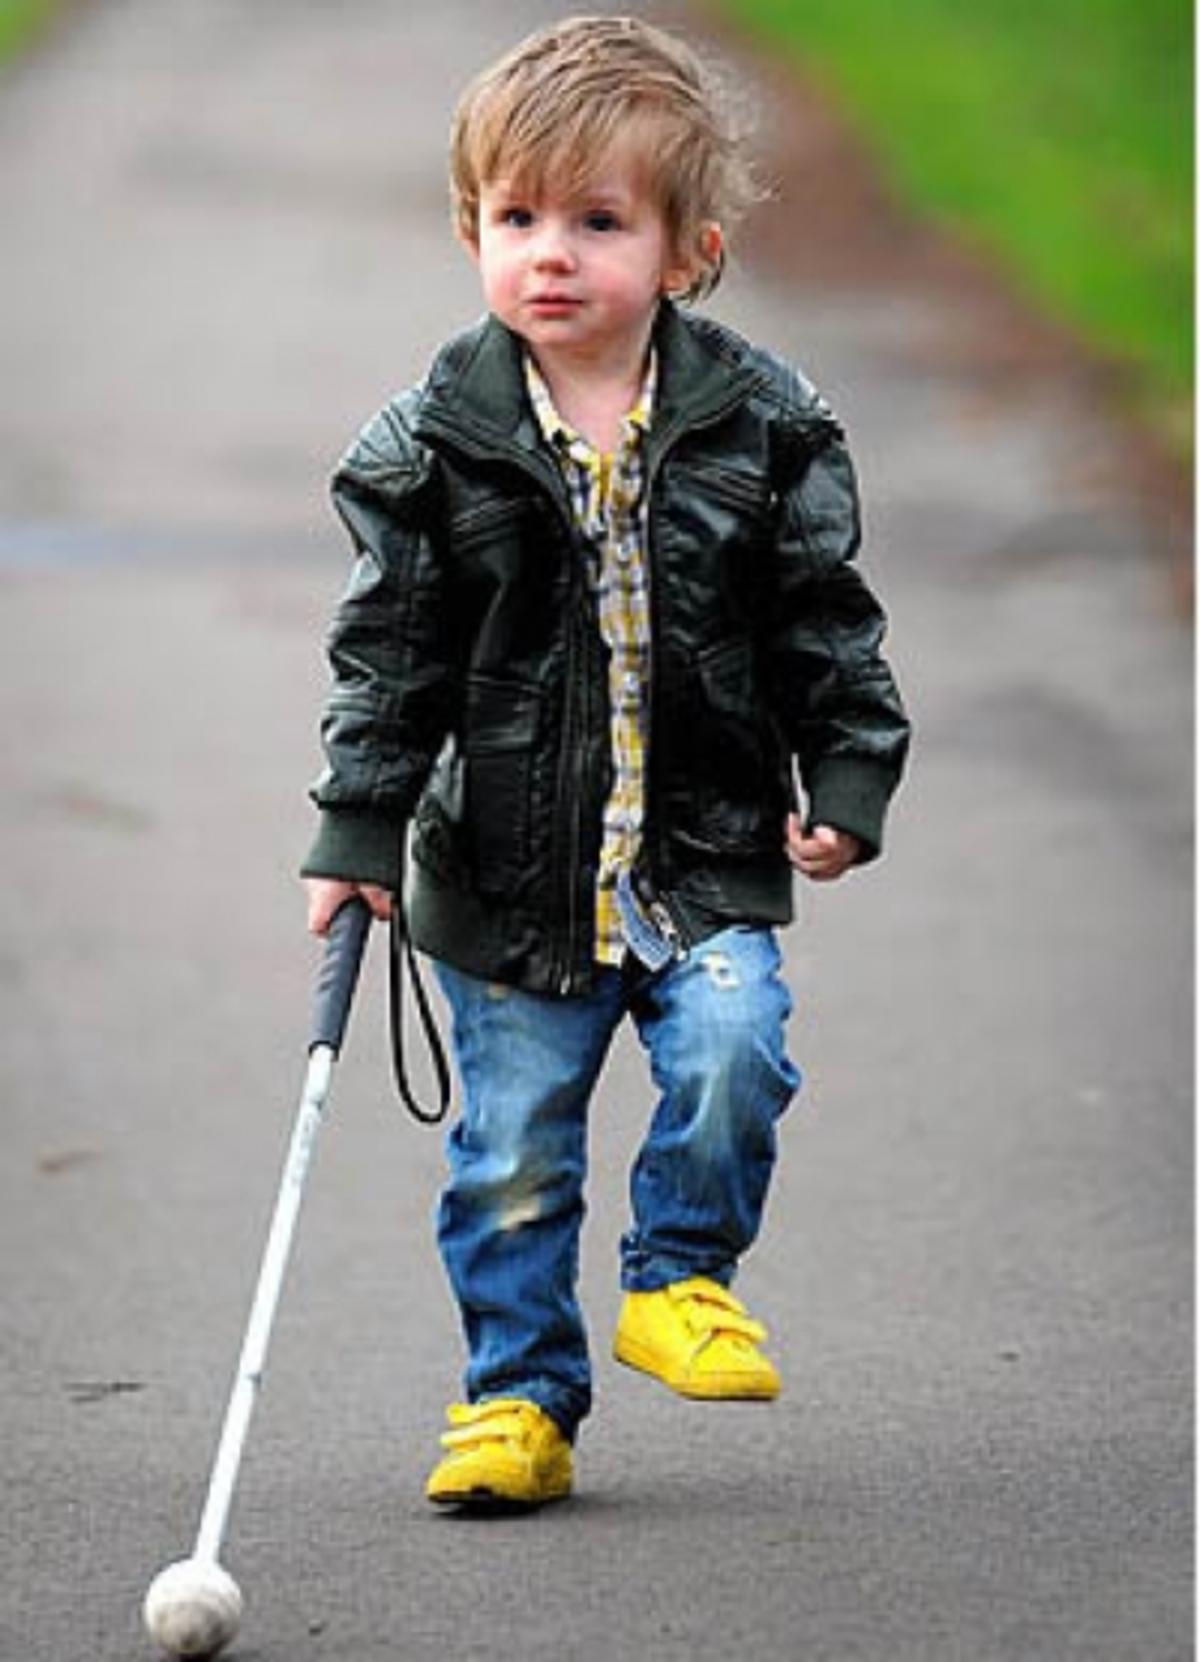 Ο πιο μικρός χρήστης του λευκού μπαστουνιού! | Newsit.gr